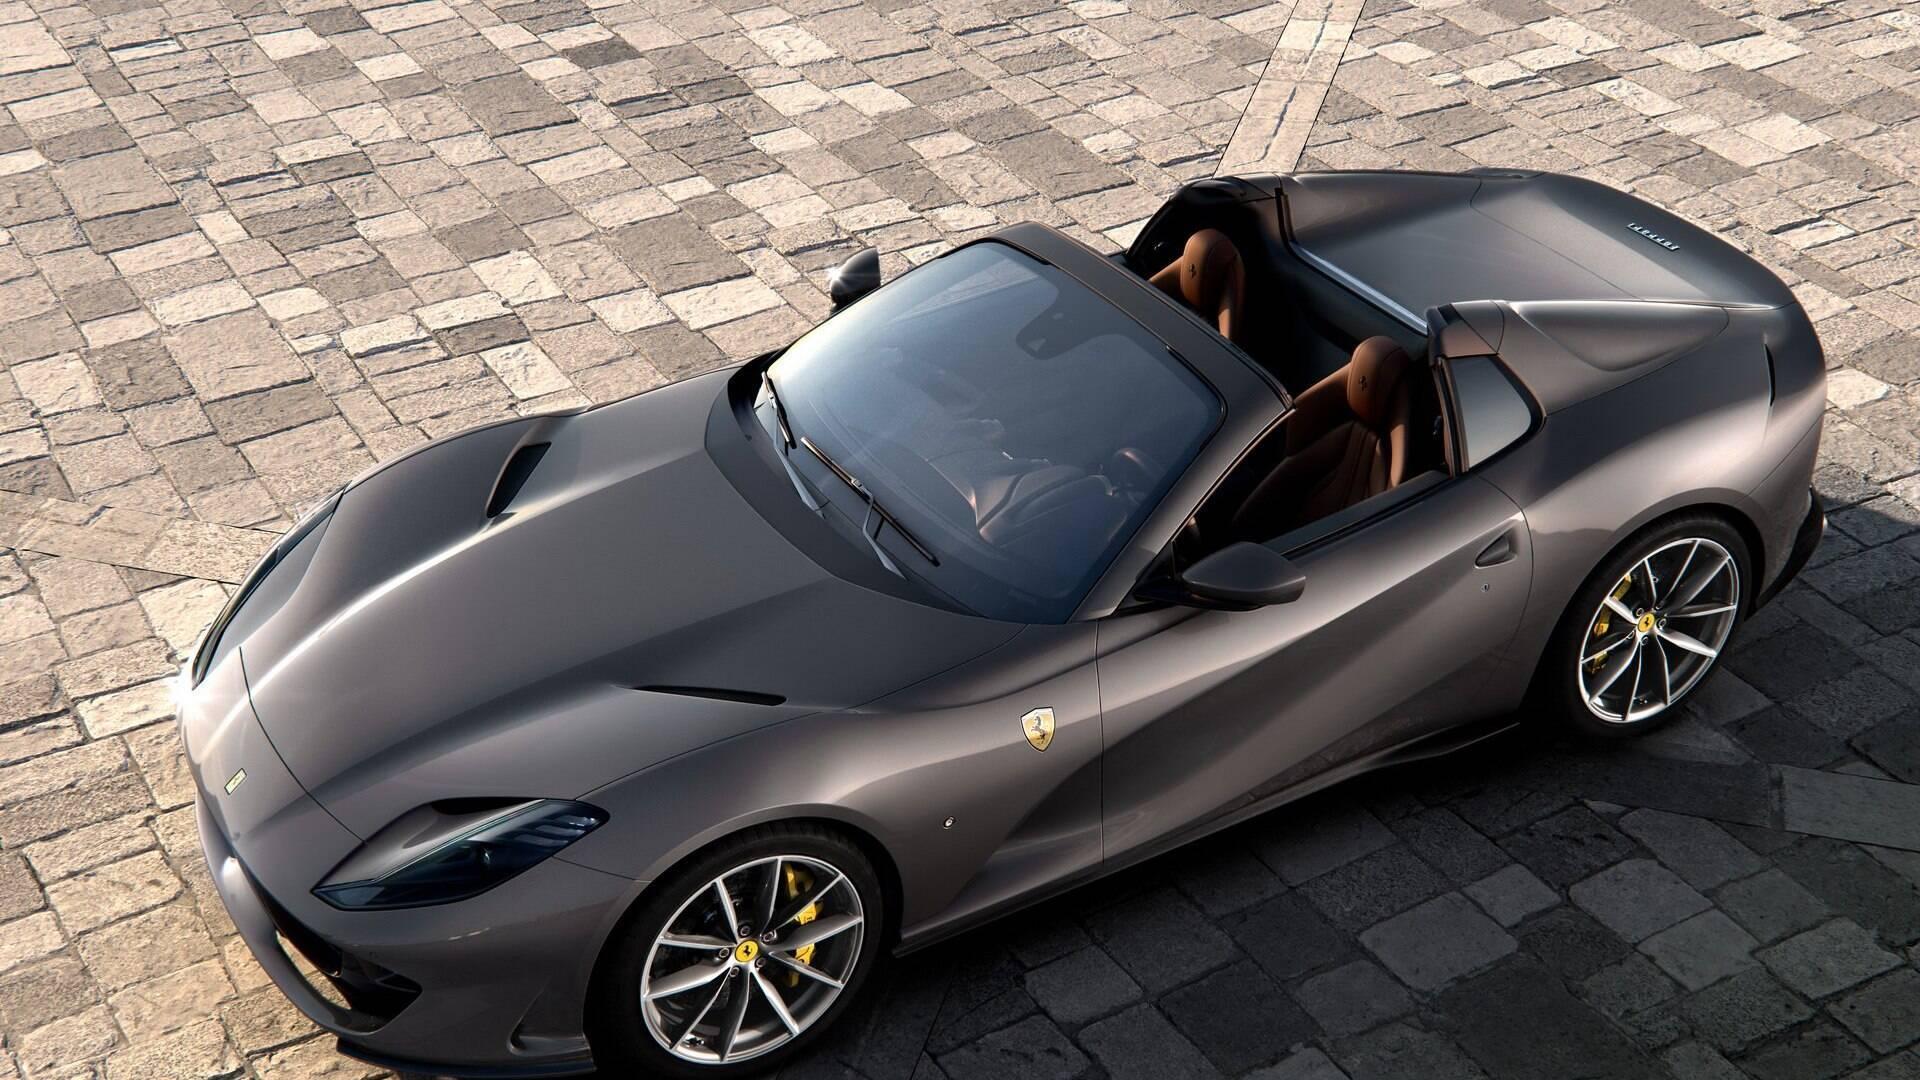 Ferrari Revela Novo 812 Gts O Conversivel Mais Potente Do Mundo Carros Ig